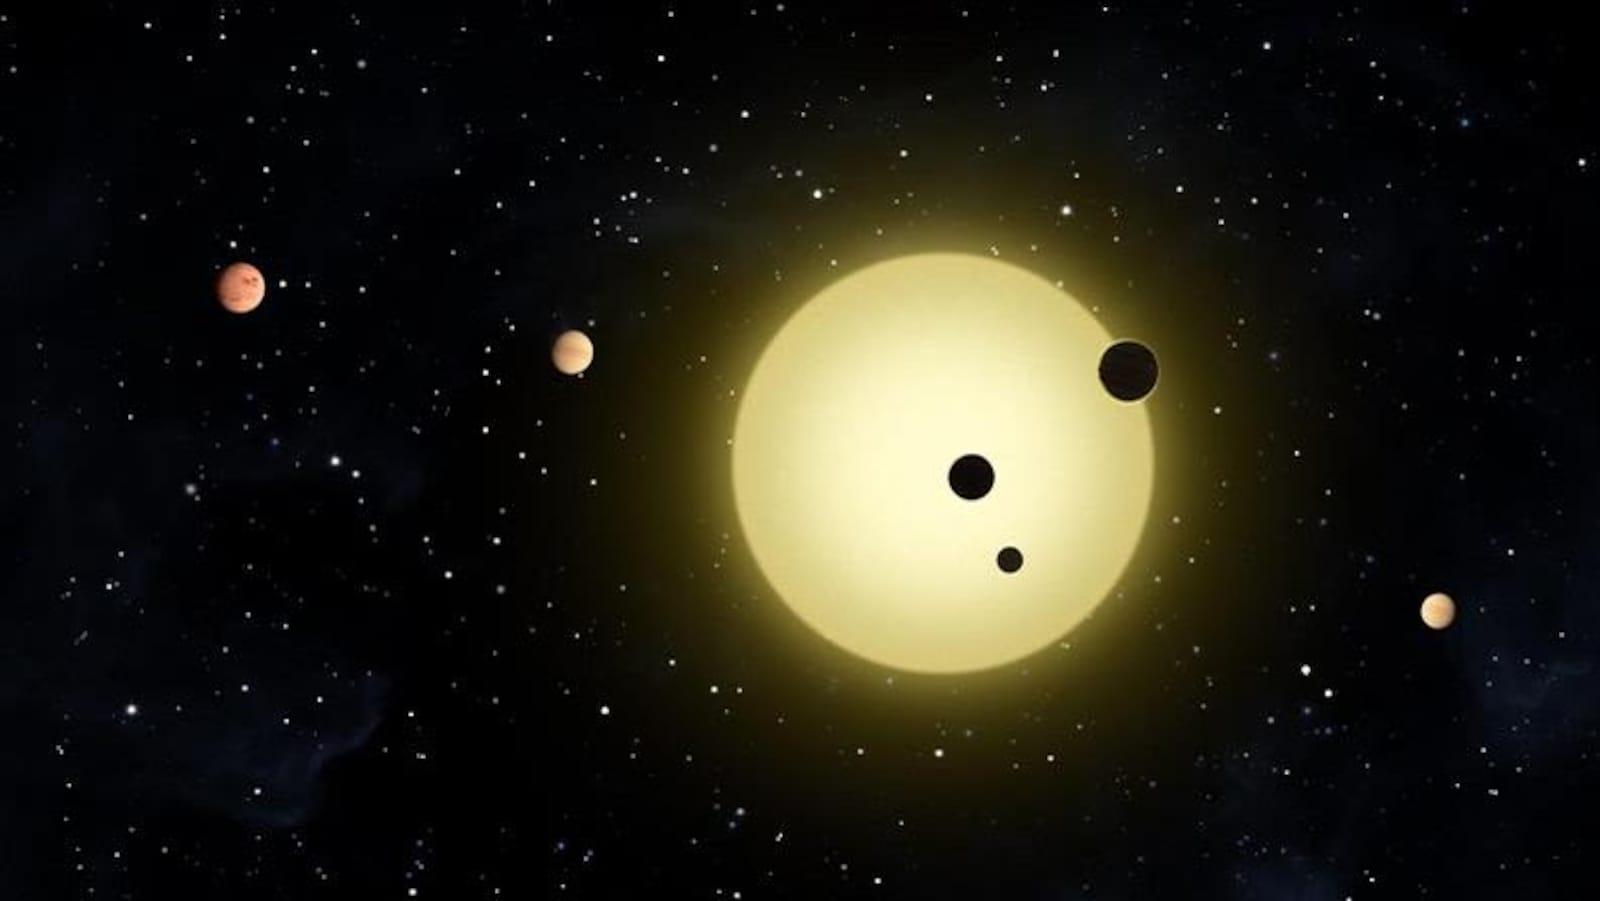 Illustration de Kepler-11, une étoile un peu plus grosse que le Soleil autour de laquelle six planètes sont en orbite.